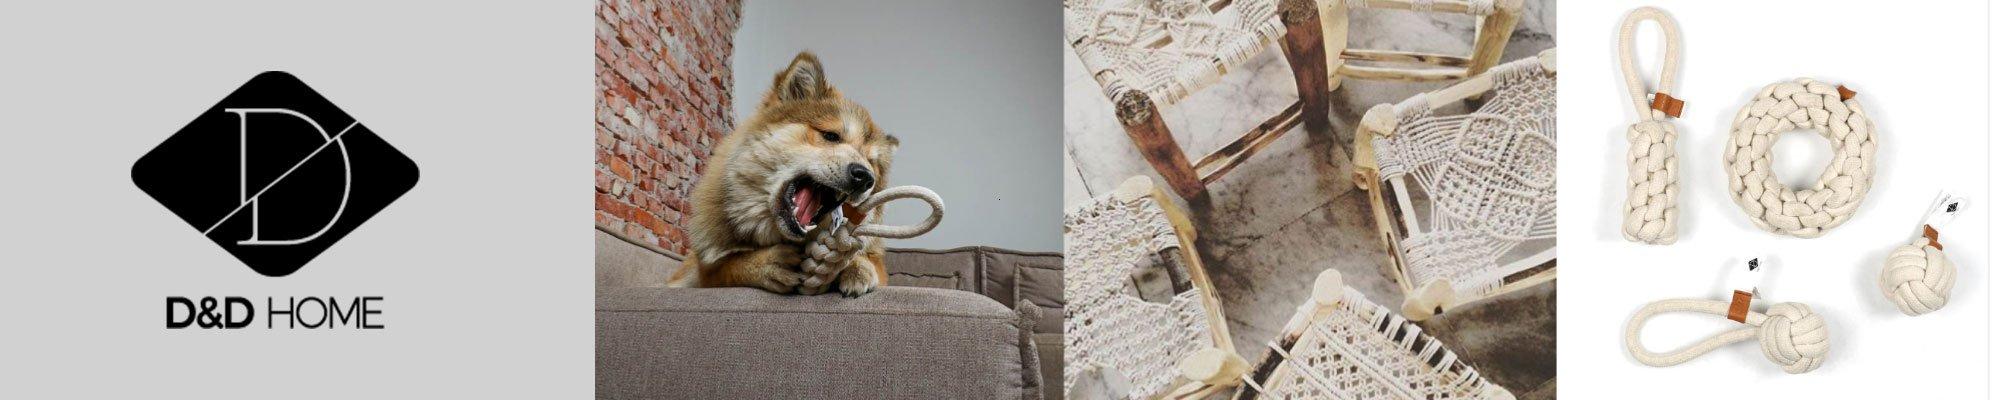 D&D Home Collection für Katzen und Hunde, Bild 3